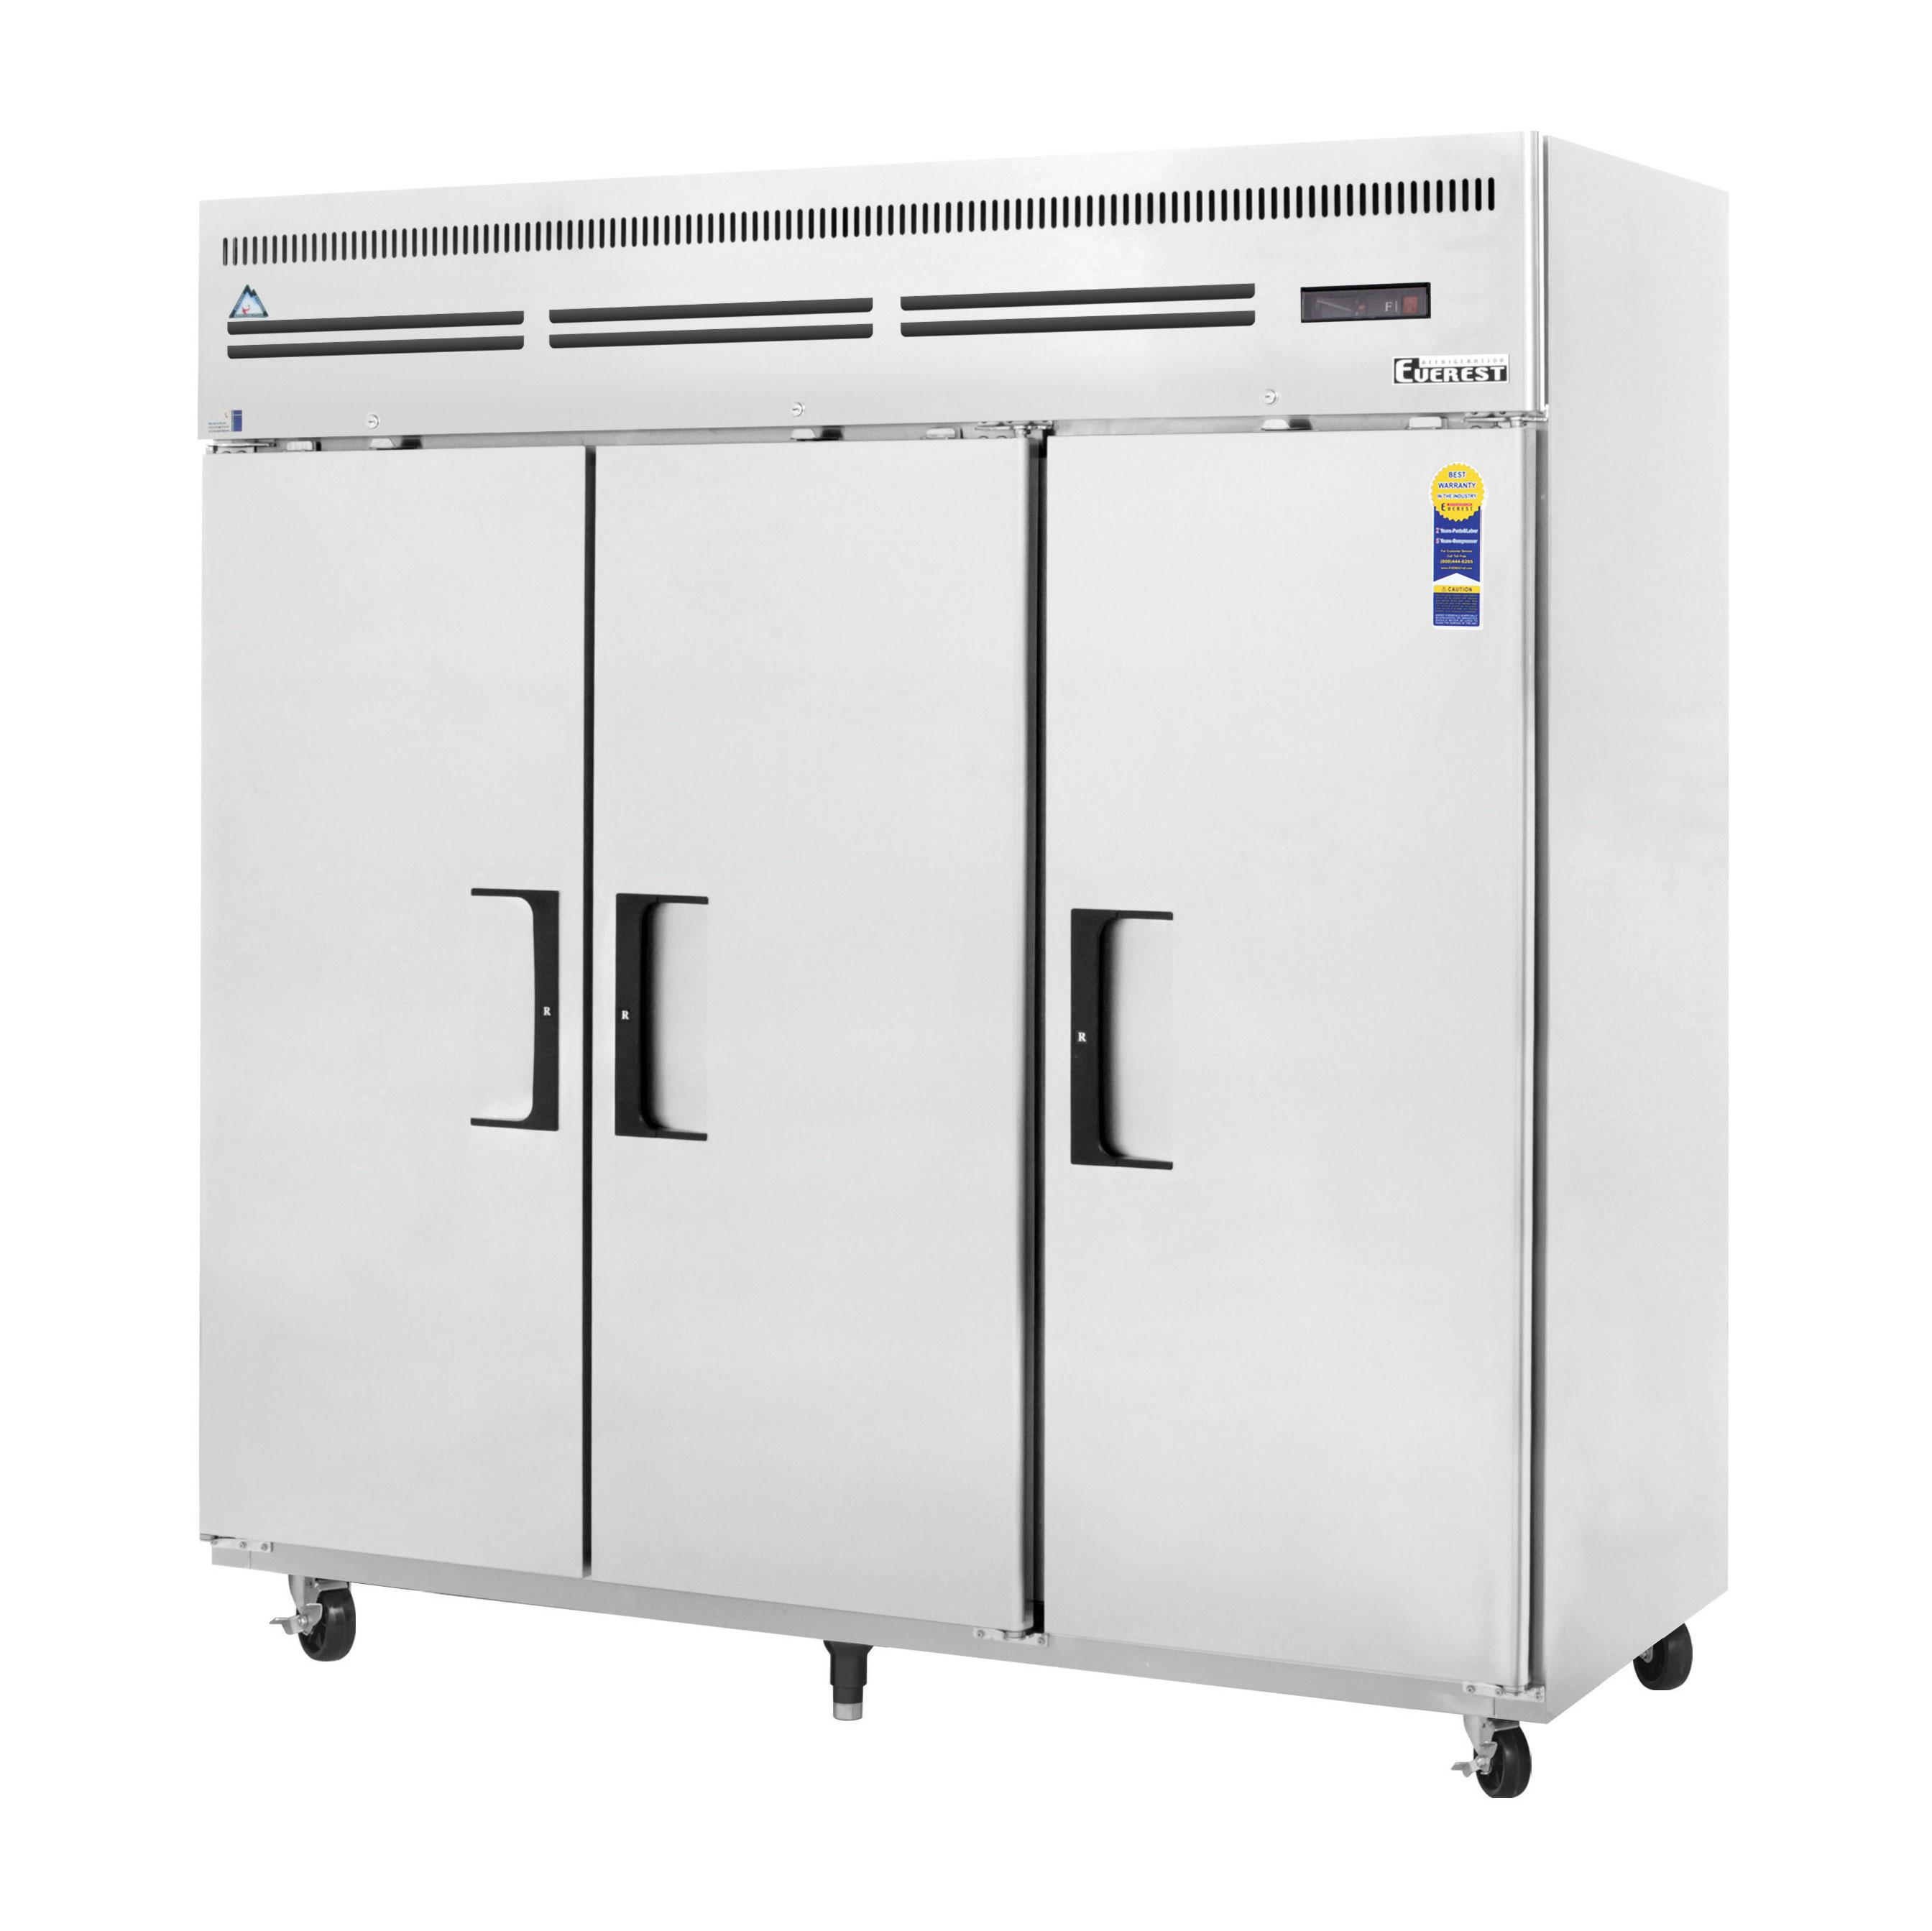 ESF3 Everest Refrigeration freezer, reach-in